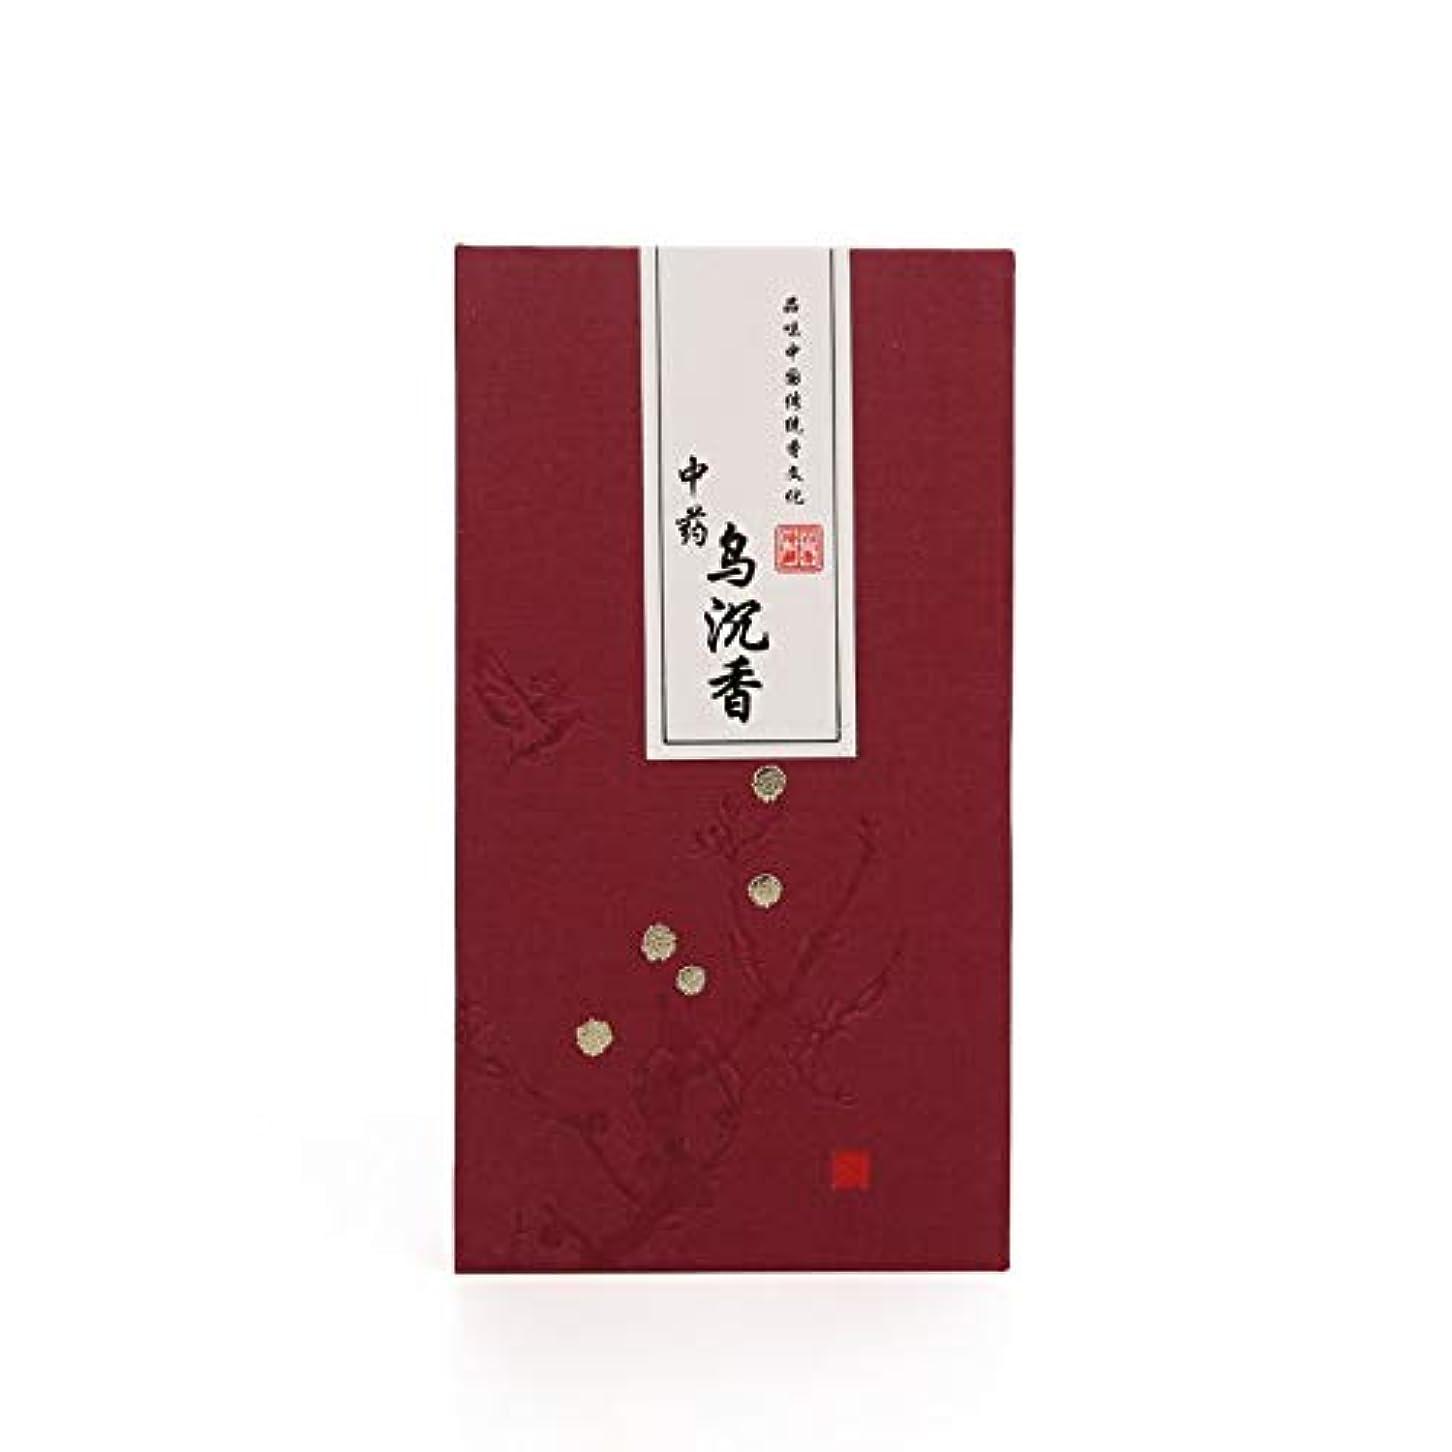 めったに大洪水スティックDiatems - 絶妙な箱入りの天然白檀の香りのお香、香りの木、辺材、ヒノキ、2時間、長期的な仏香、アロマテラピー[鳥サンダルウッド]